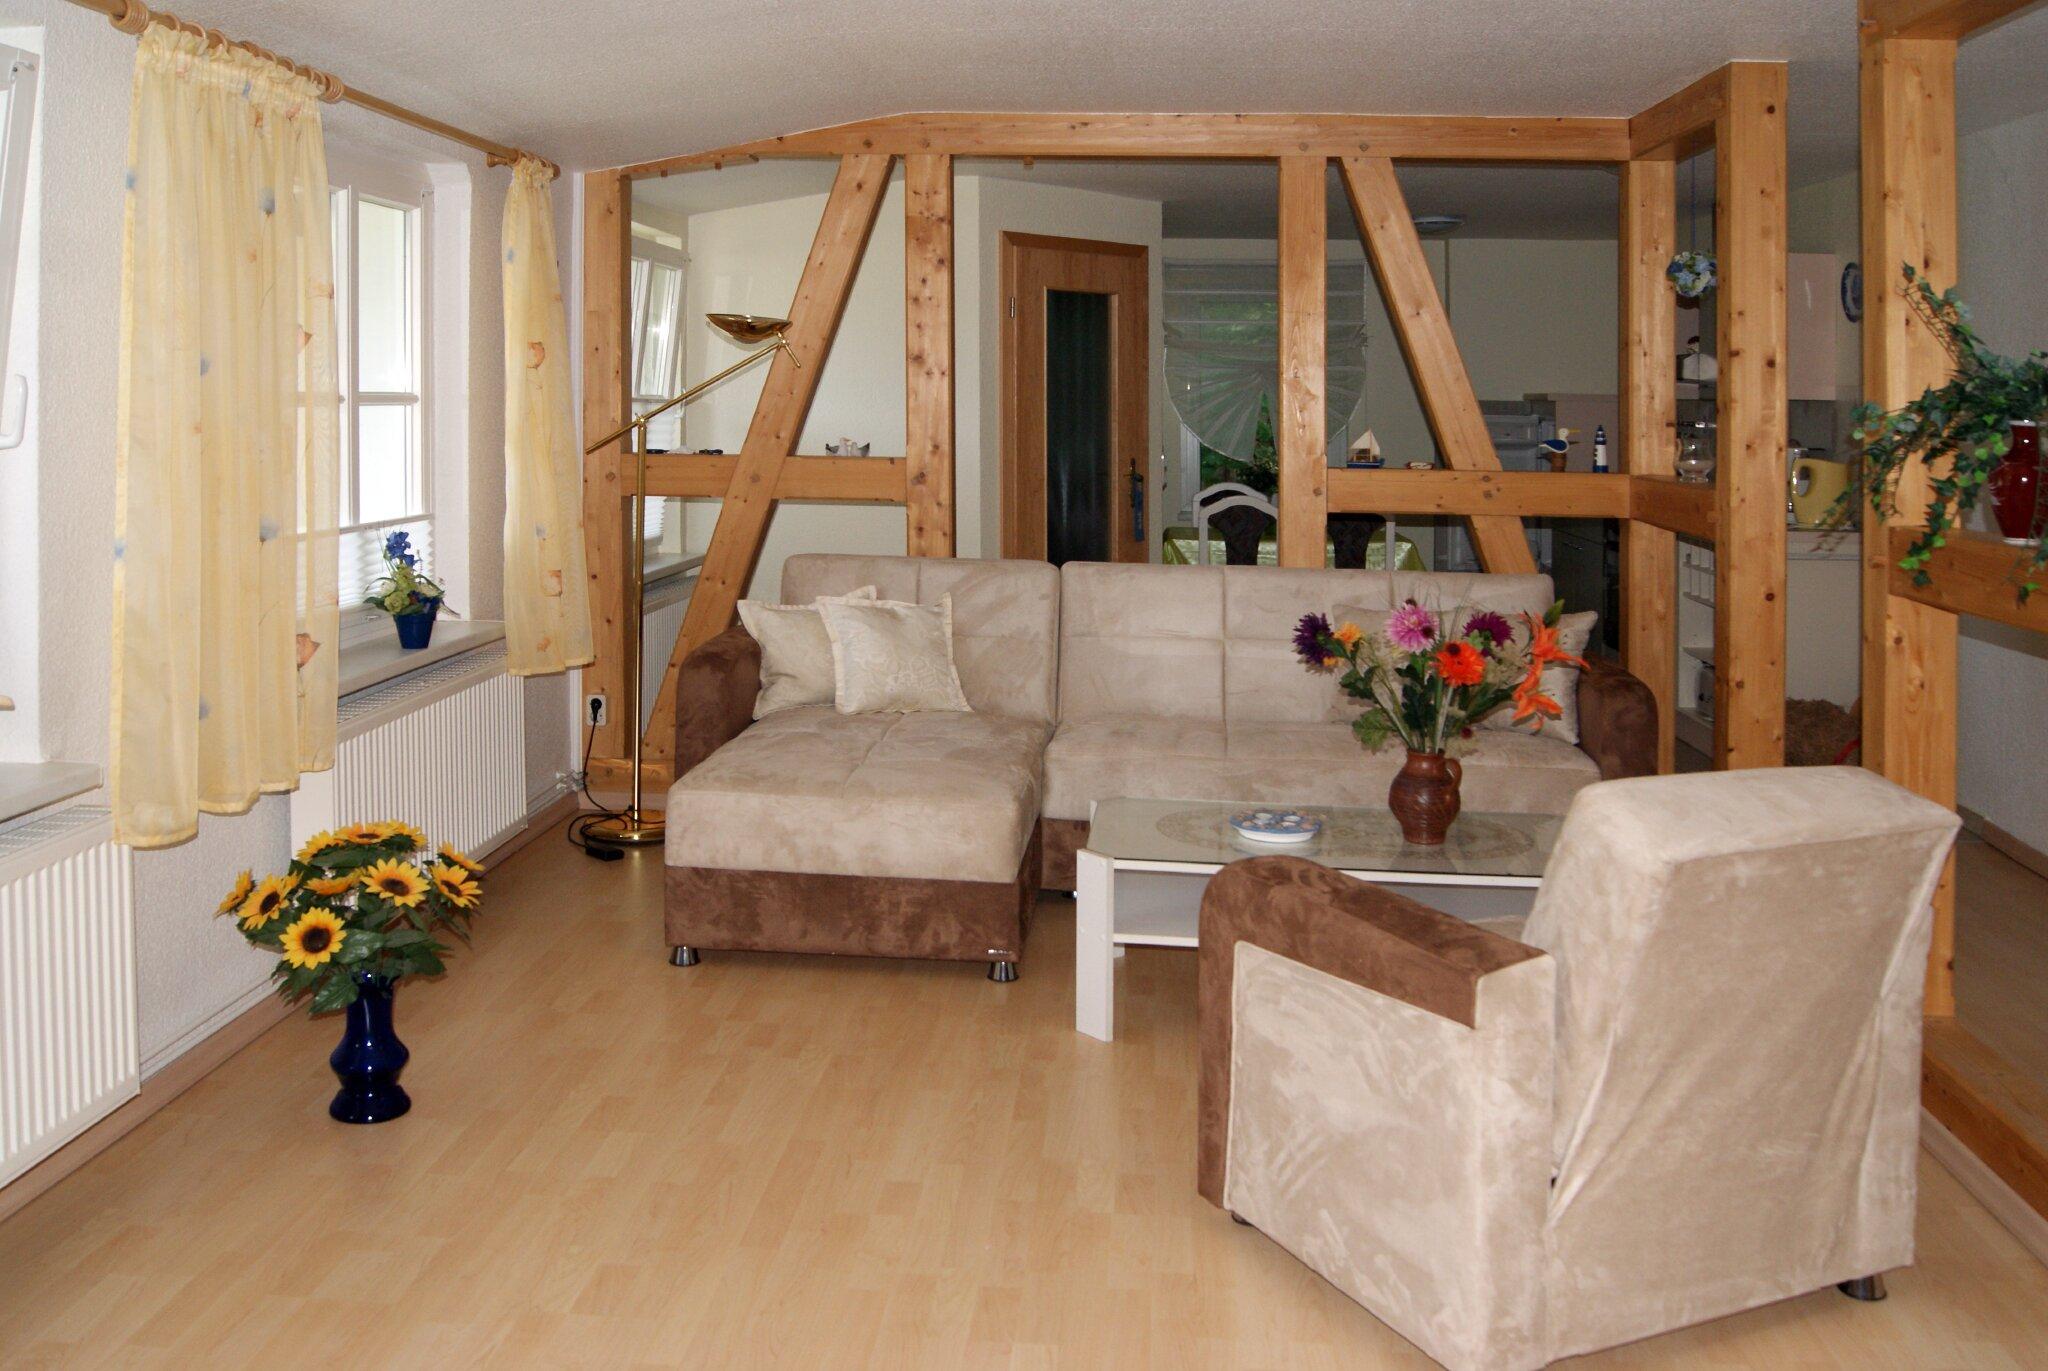 Wohnzimmer mit Holzbalkenkonstruktion